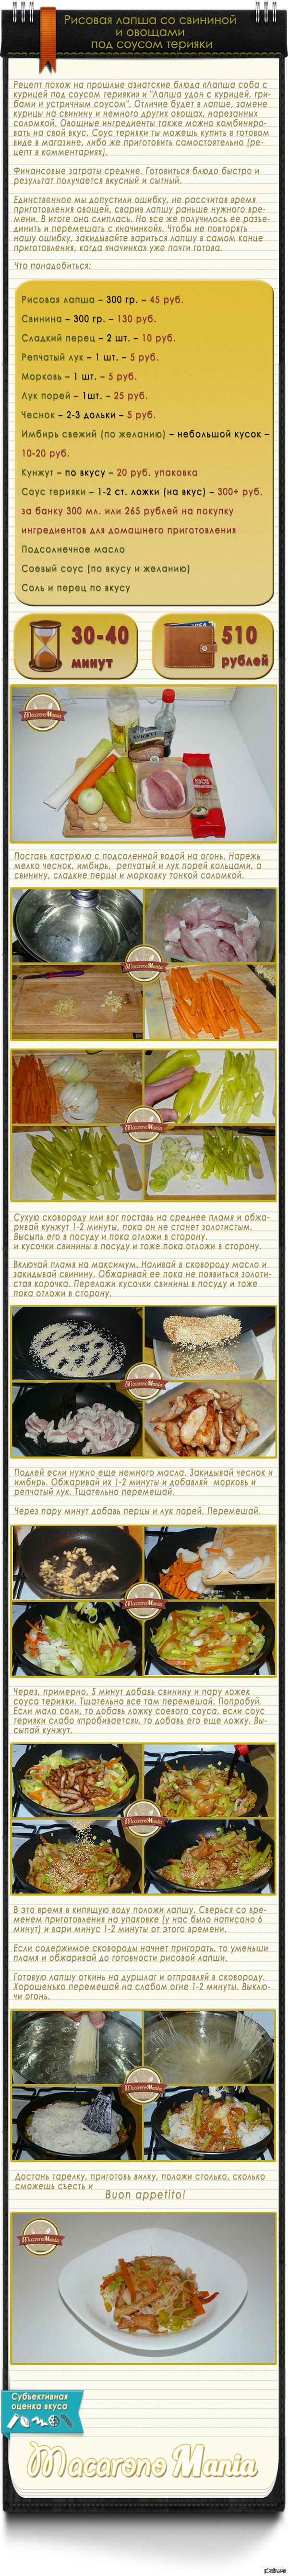 Рисовая лапша со свининой и овощами под соусом терияки Вкусно. Быстро. Относительно дорого. Ссылка на рецепт соуса терияки в комментариях.